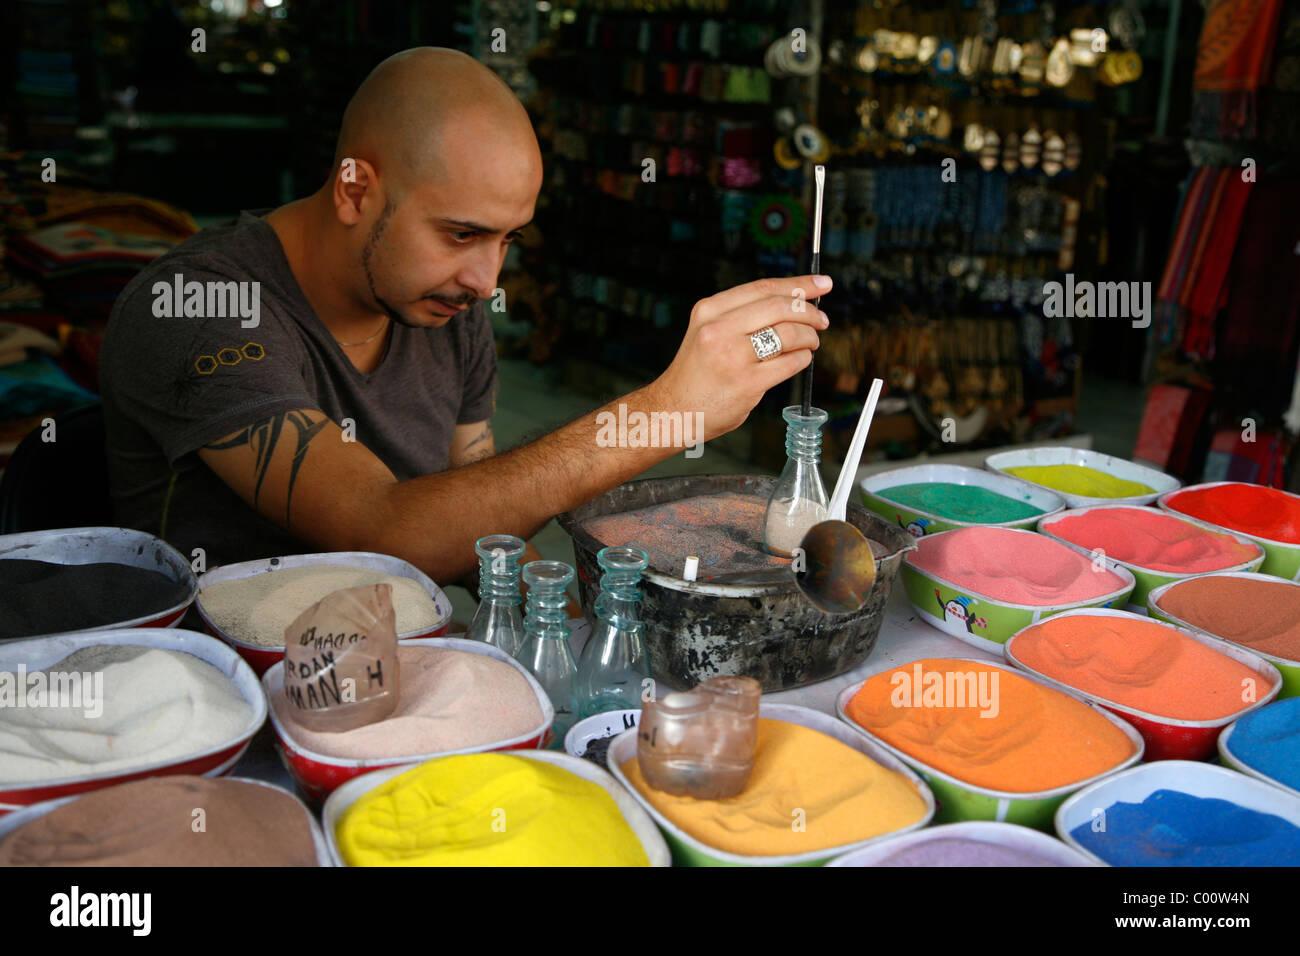 An artist filling souvenir bottles with desert sand, Amman, Jordan. - Stock Image